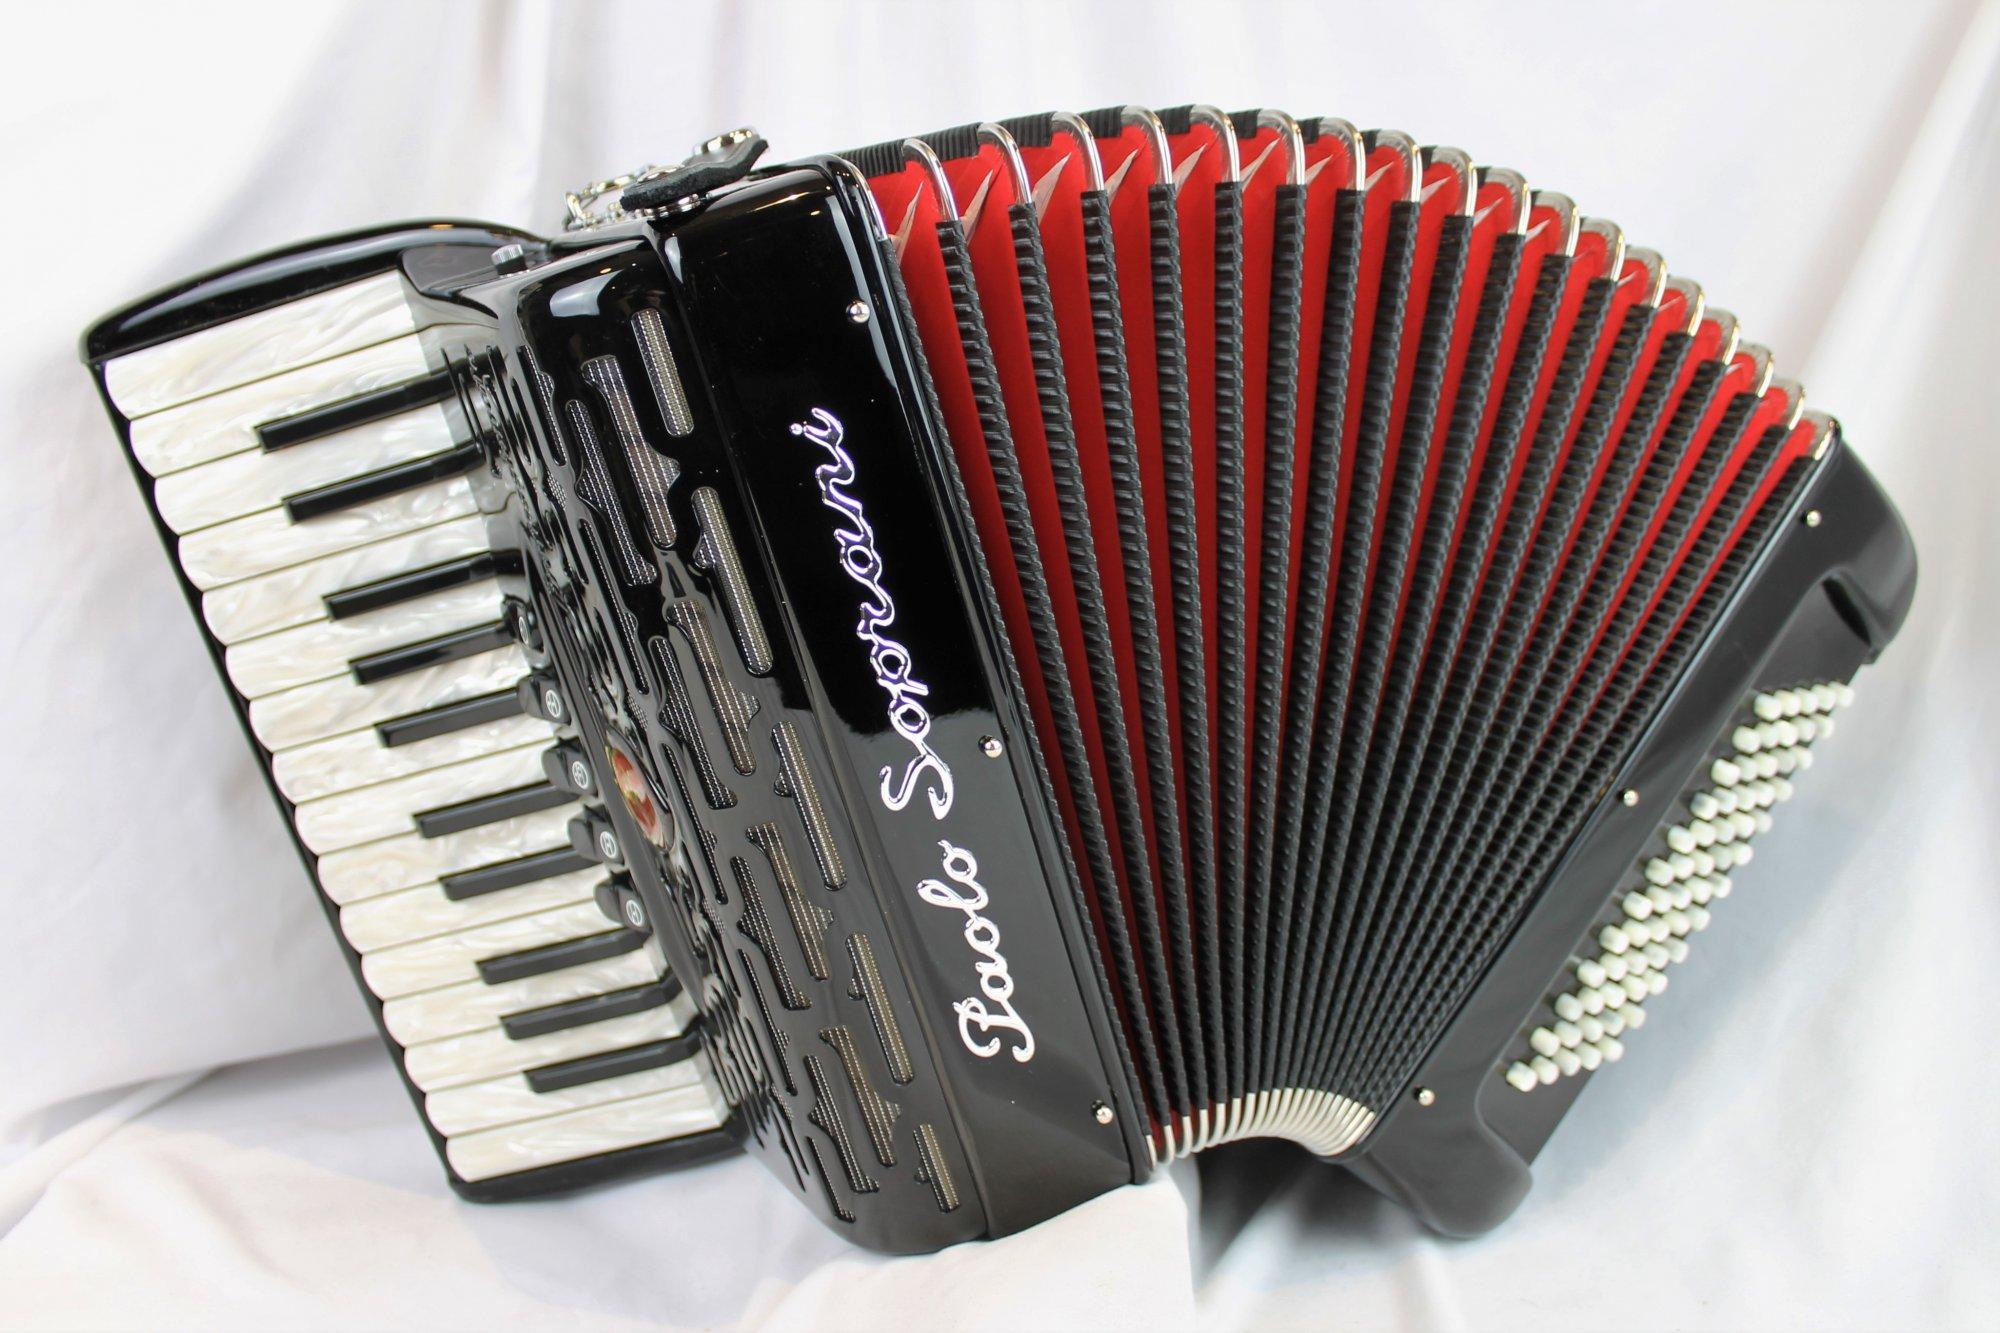 NEW Black Paolo Soprani Professionale Piano Accordion LMM 26 60